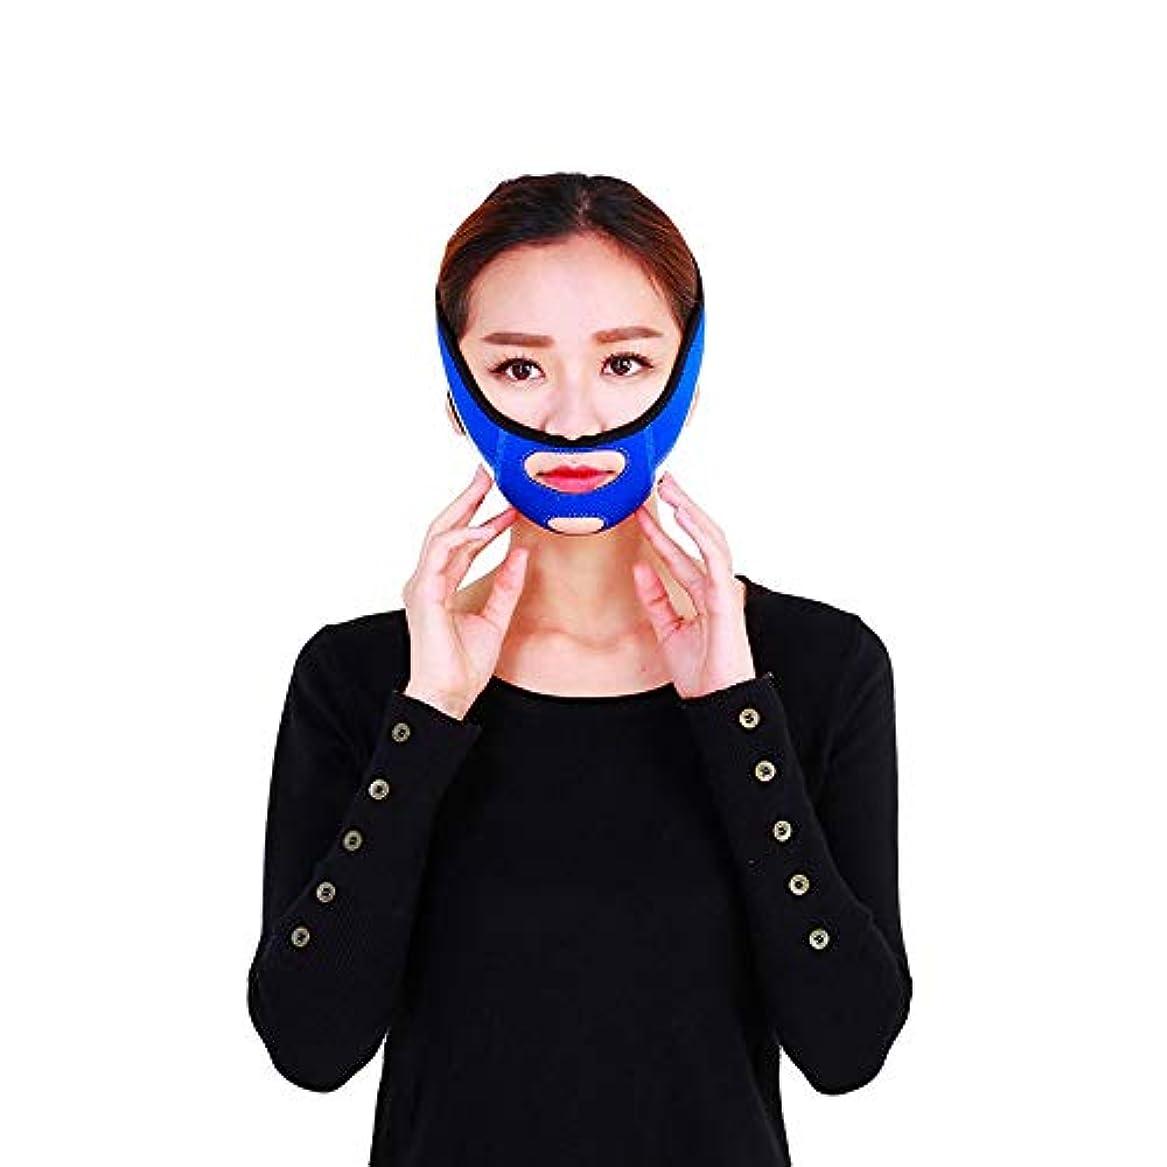 北西入手します本当のことを言うとMinmin フェイシャルリフティング痩身ベルトフェーススリム二重あごを取り除くアンチエイジングリンクルフェイス包帯マスク整形マスクが顔を引き締める みんみんVラインフェイスマスク